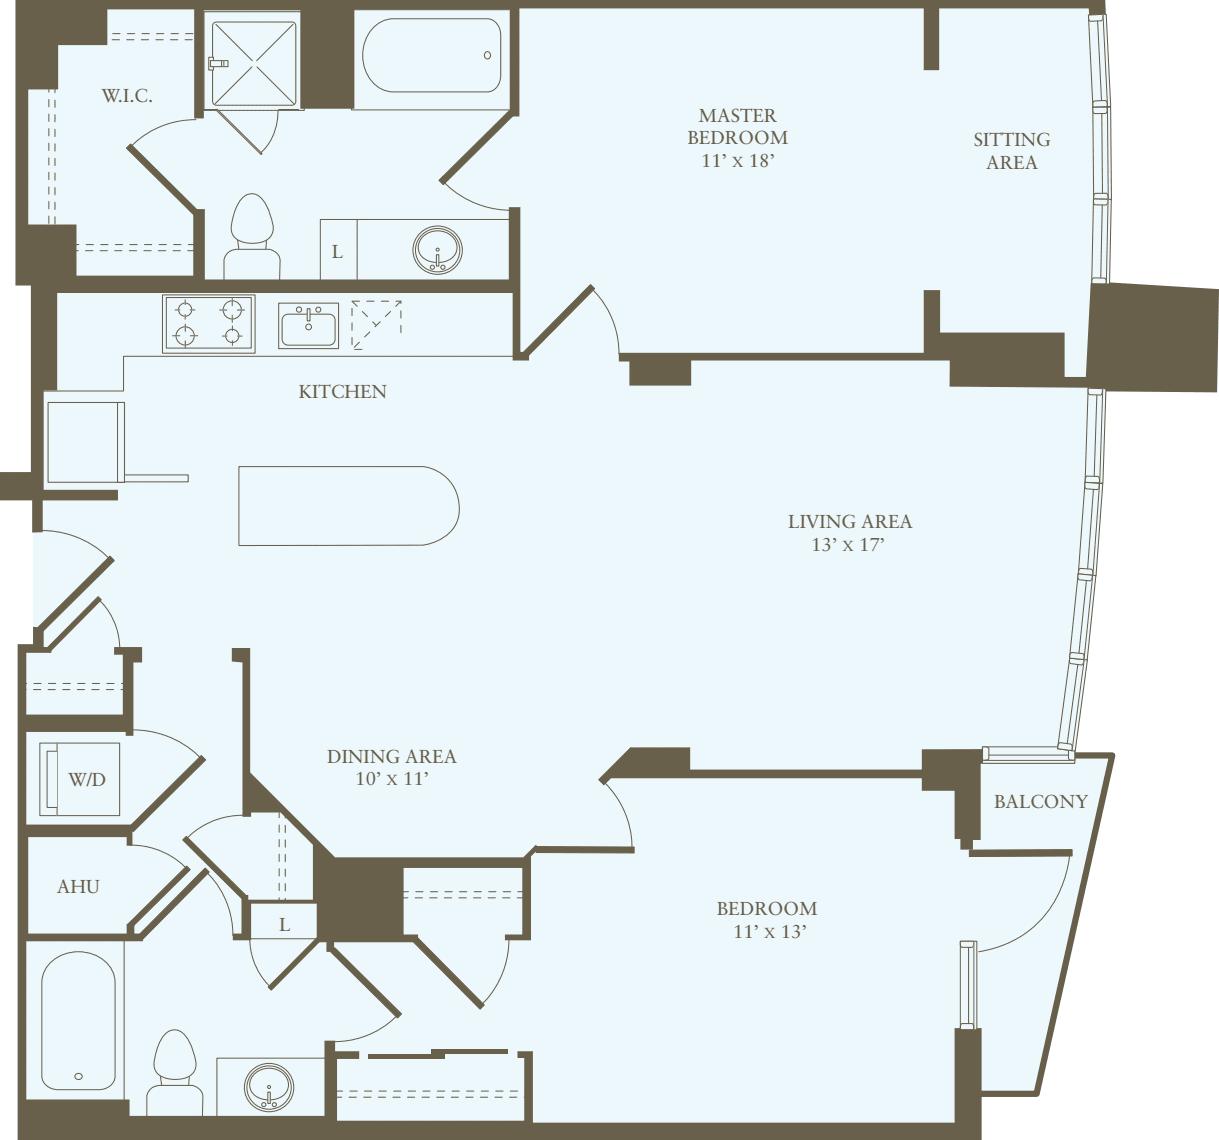 2 Bedrooms HH